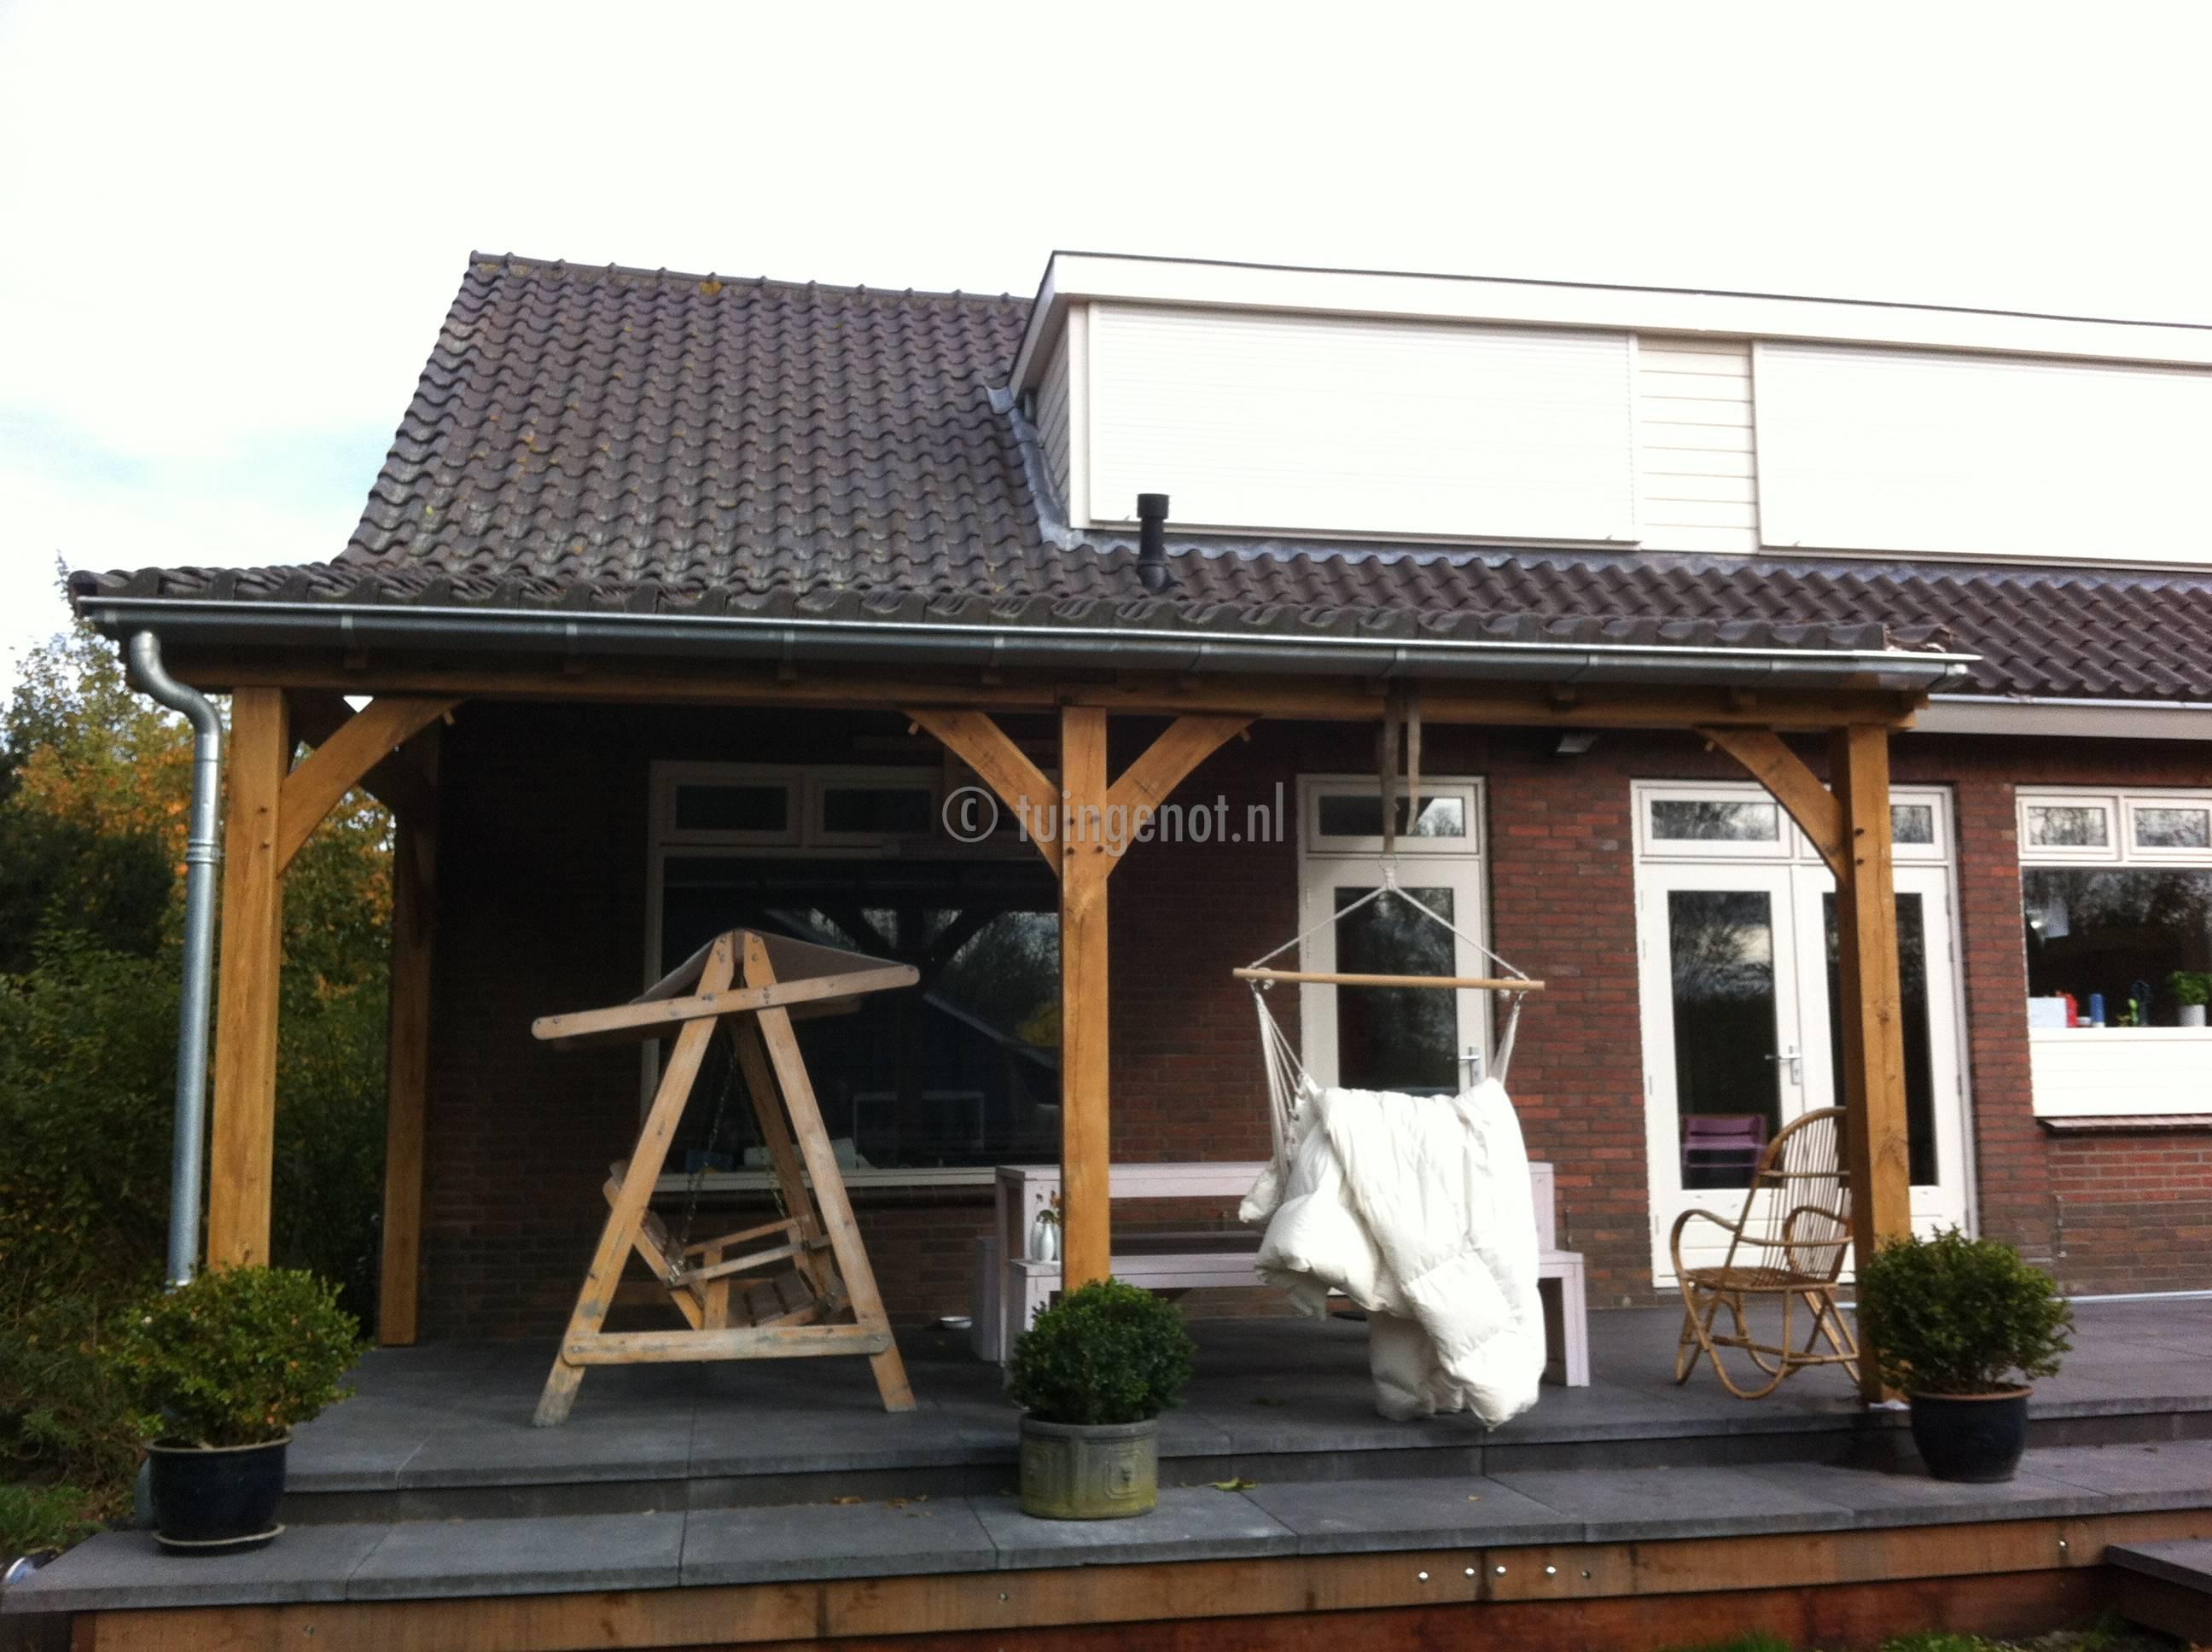 Overkapping maken met dakpannen residentieel complex - Hoe dicht terras ...